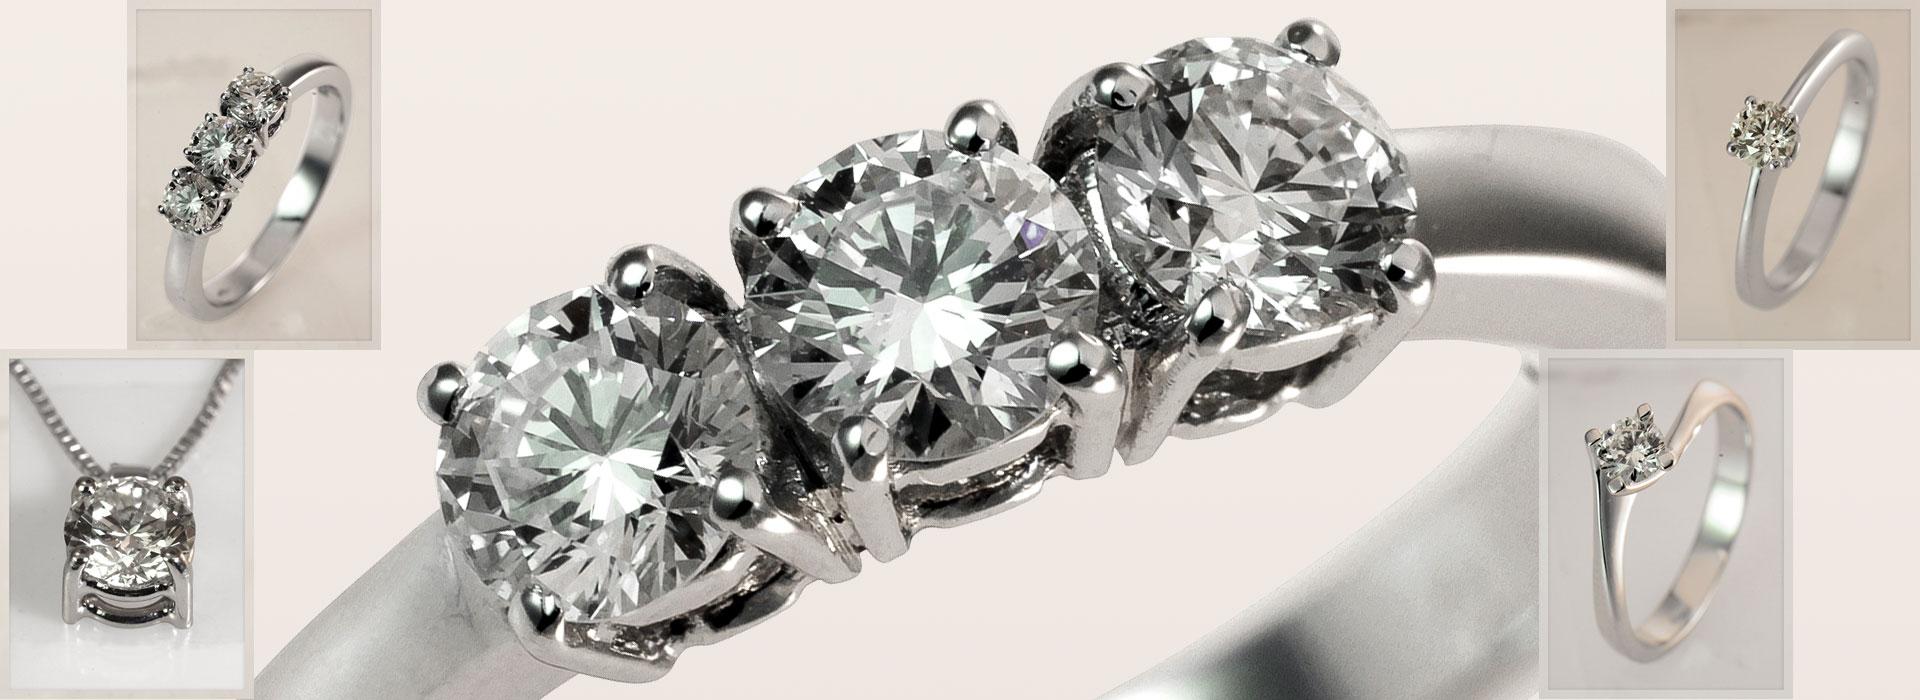 Fotografia prodotti / elaborazione fotografica - gioielli con diamanti